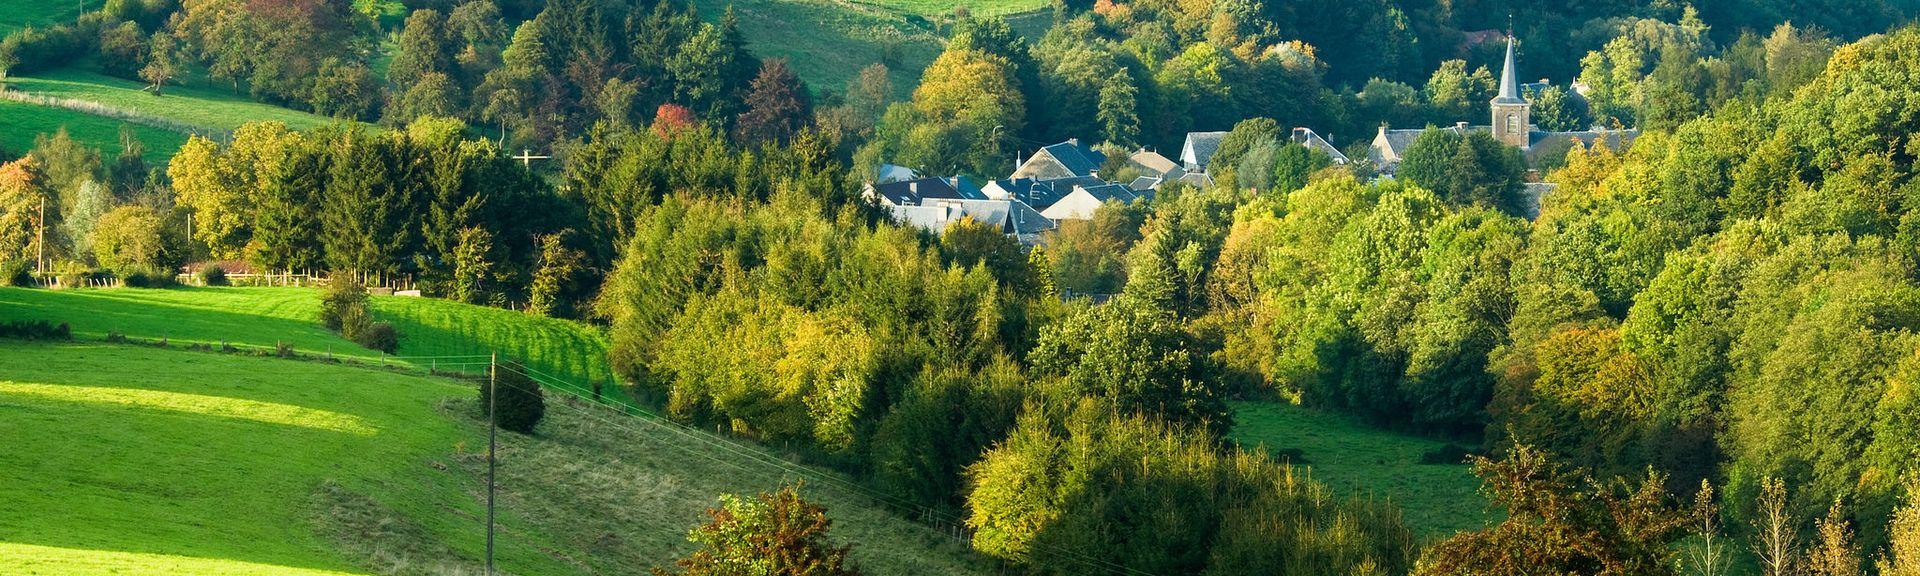 Gerpinnes, Región de Valonia, Bélgica